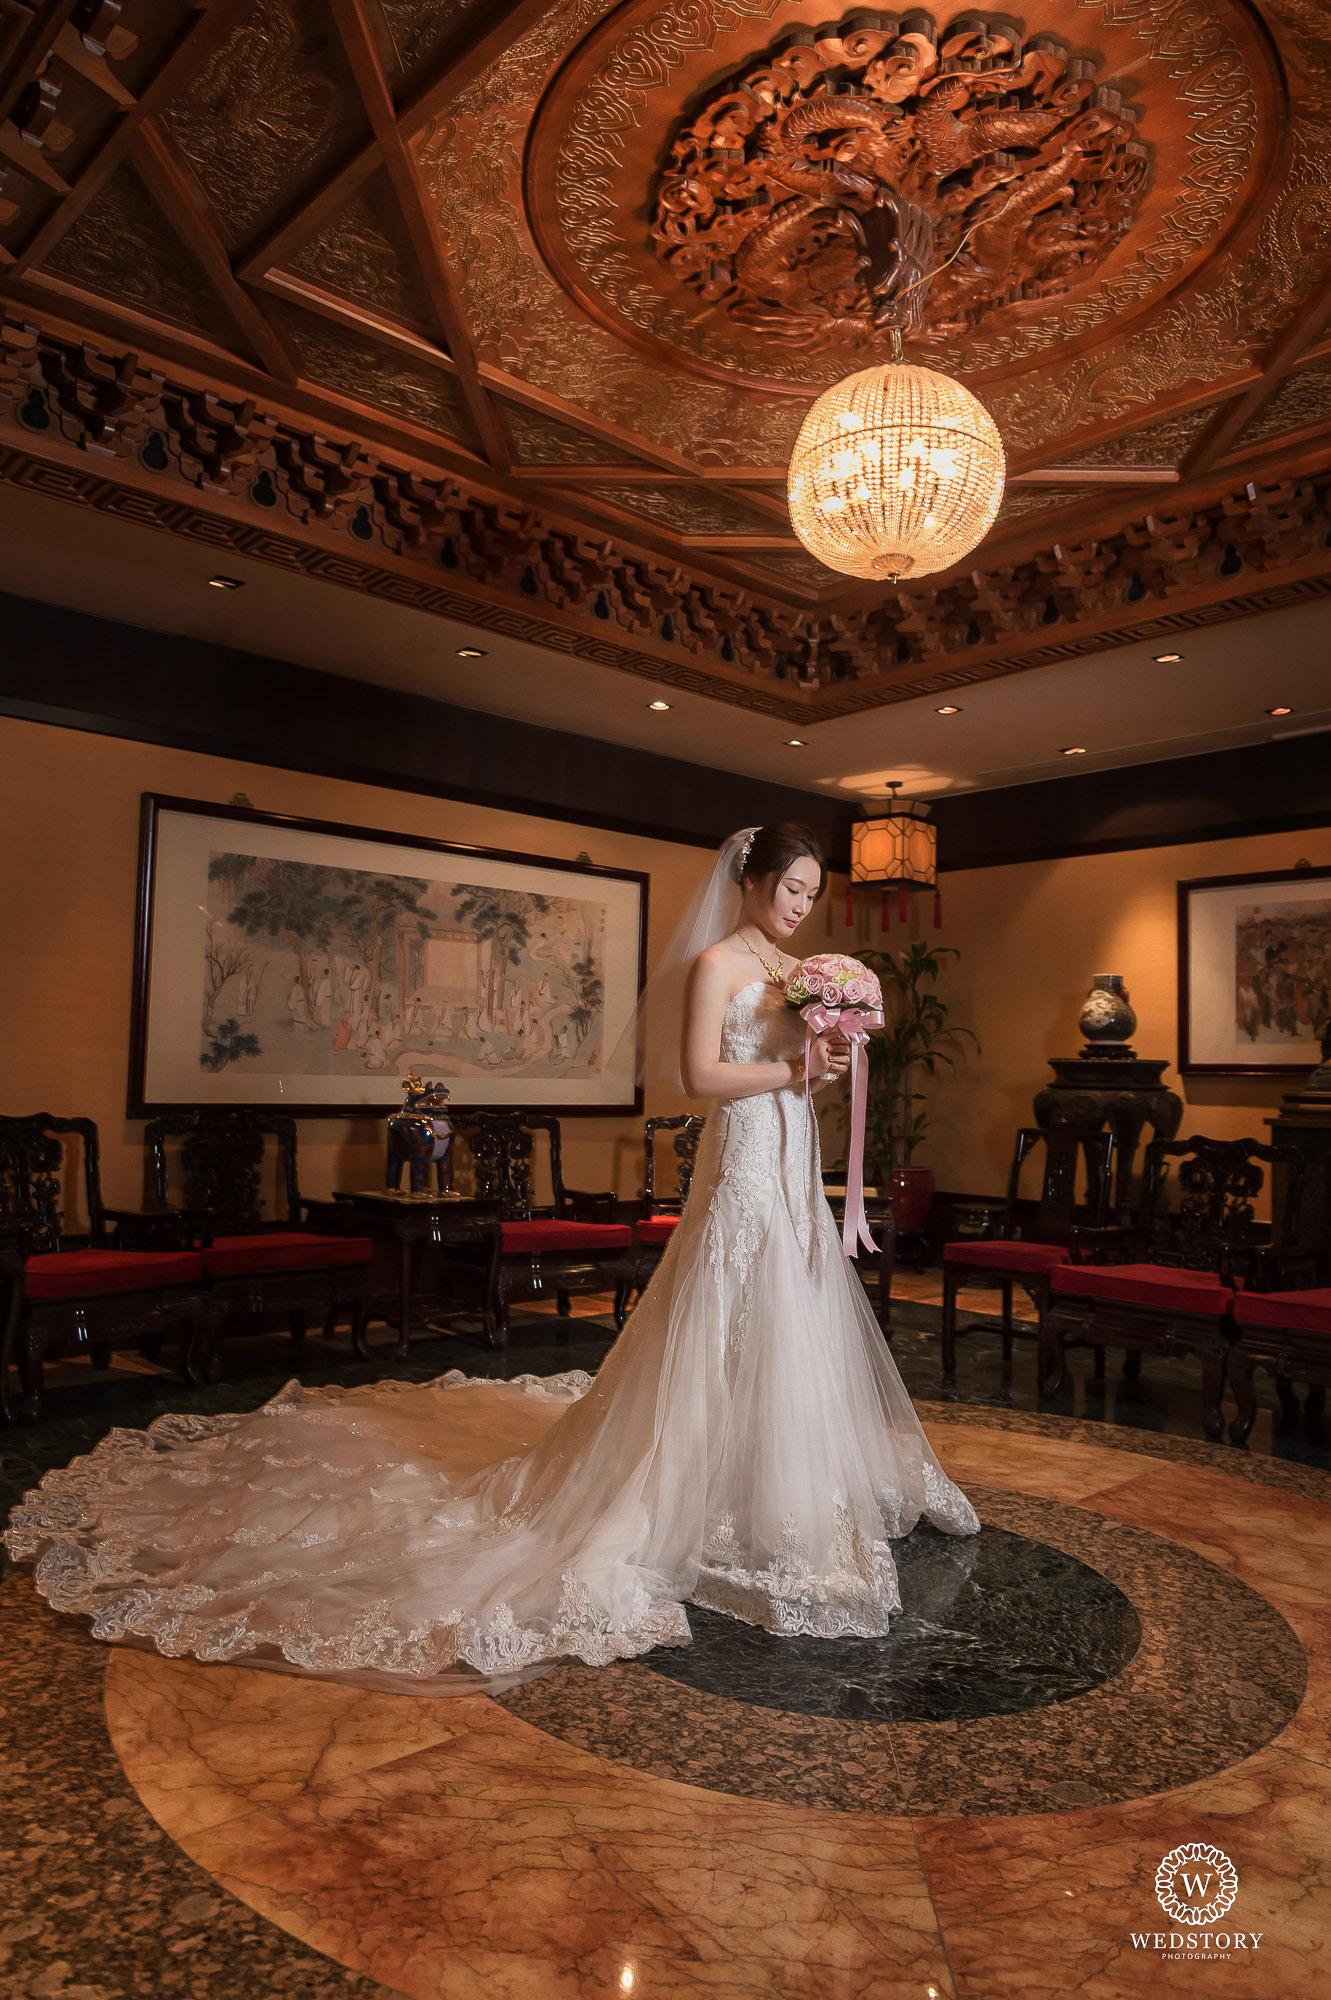 台北國賓飯店婚攝41,國際廳,台北婚攝推薦,婚禮攝影,婚禮紀錄